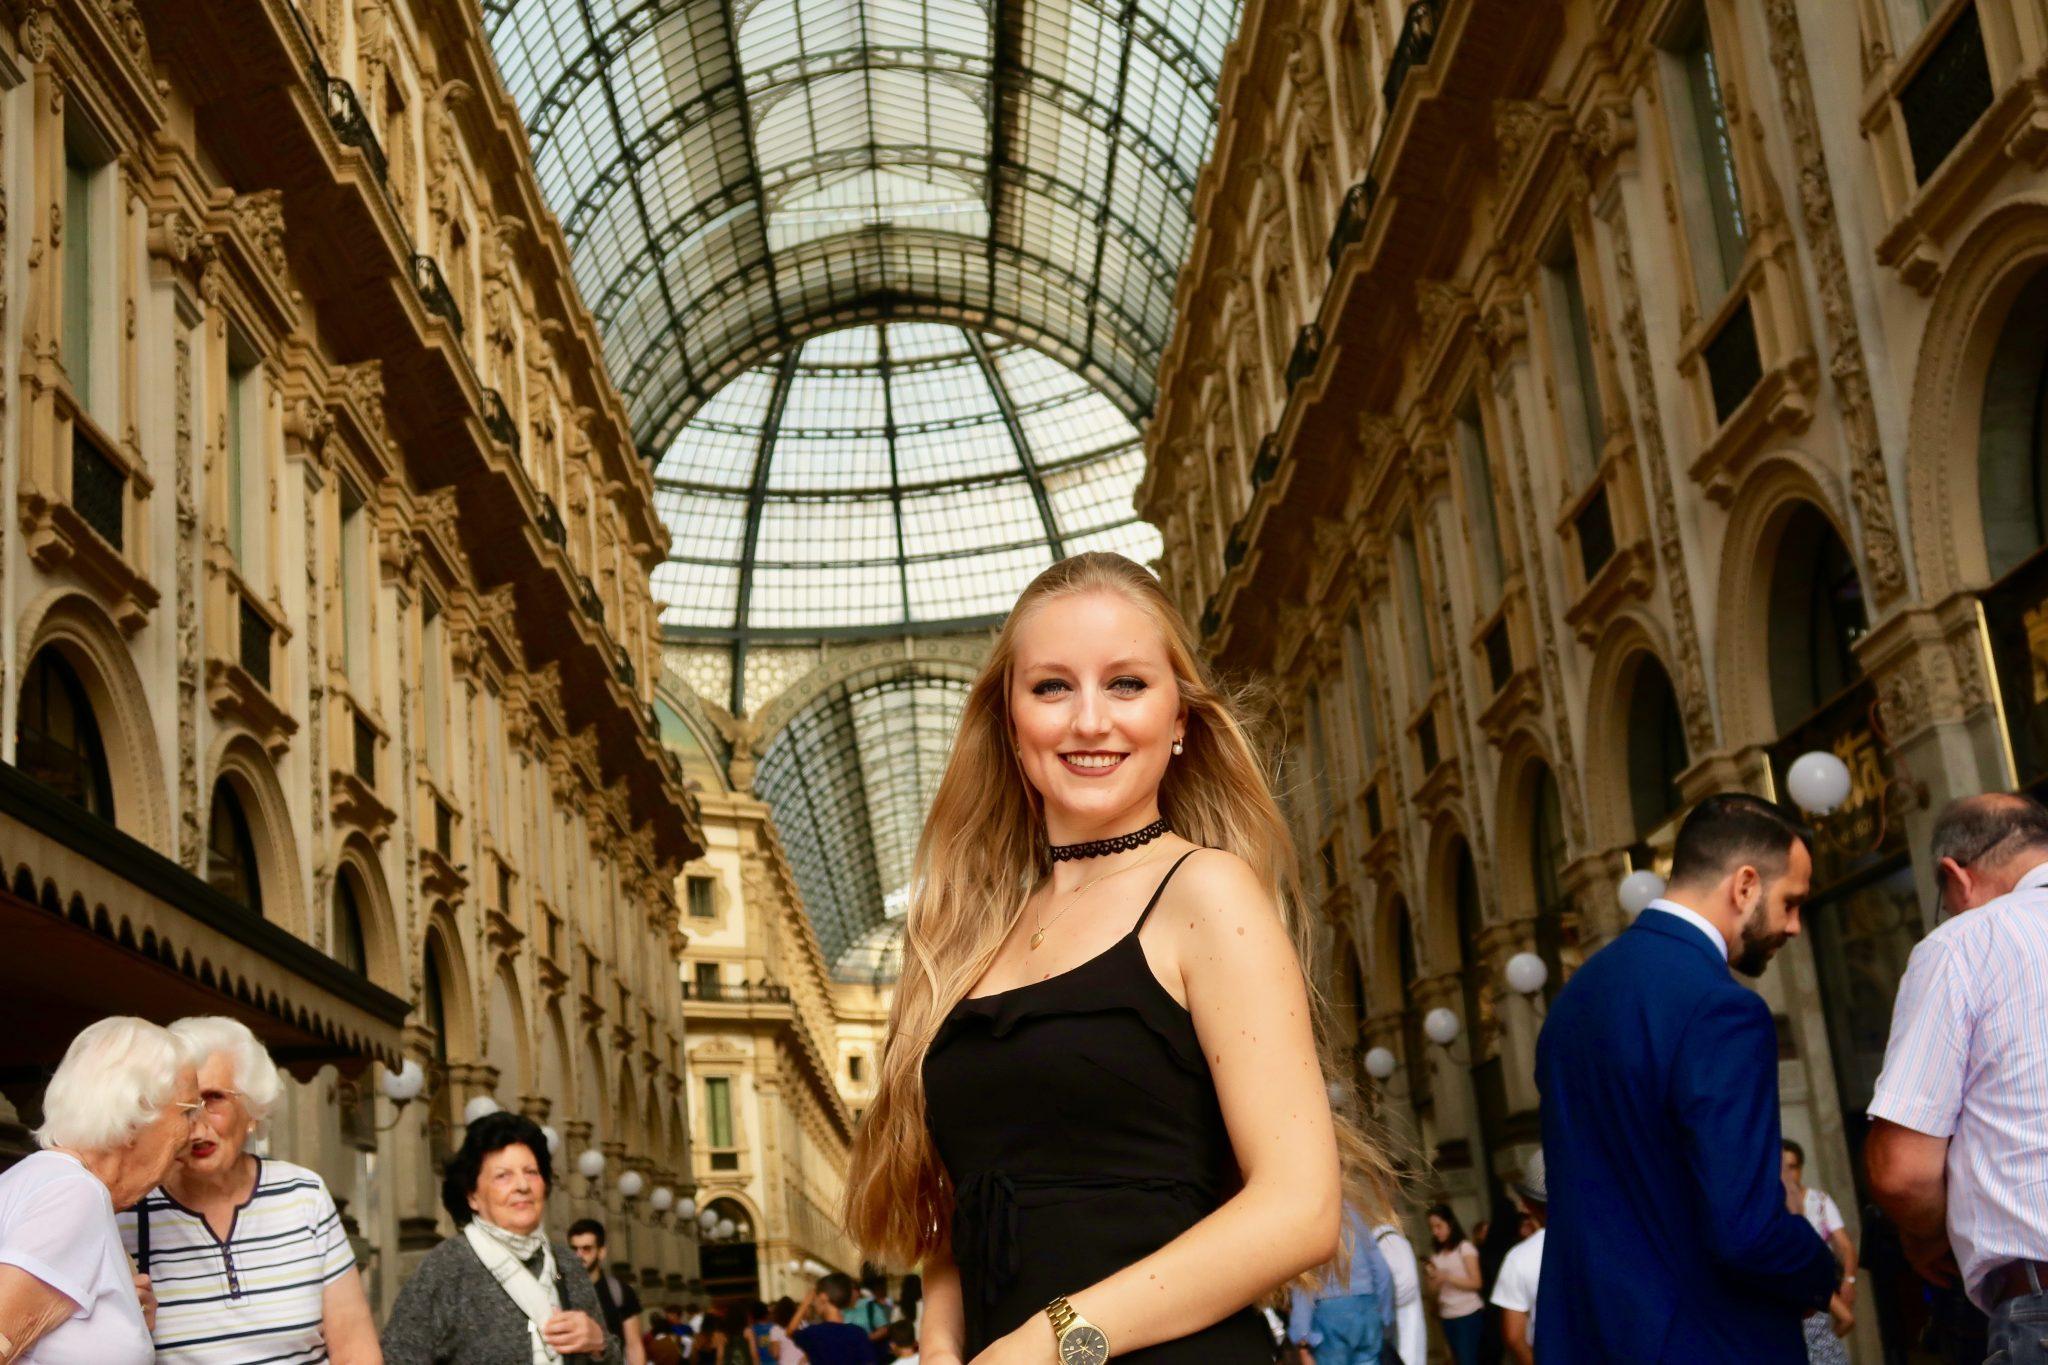 Mailand: Galleria Vittorio Emanuele II (eine der ältesten überdachten Einkaufsgallerien der Welt, perfekt zum shoppen, findest du nicht auch?)